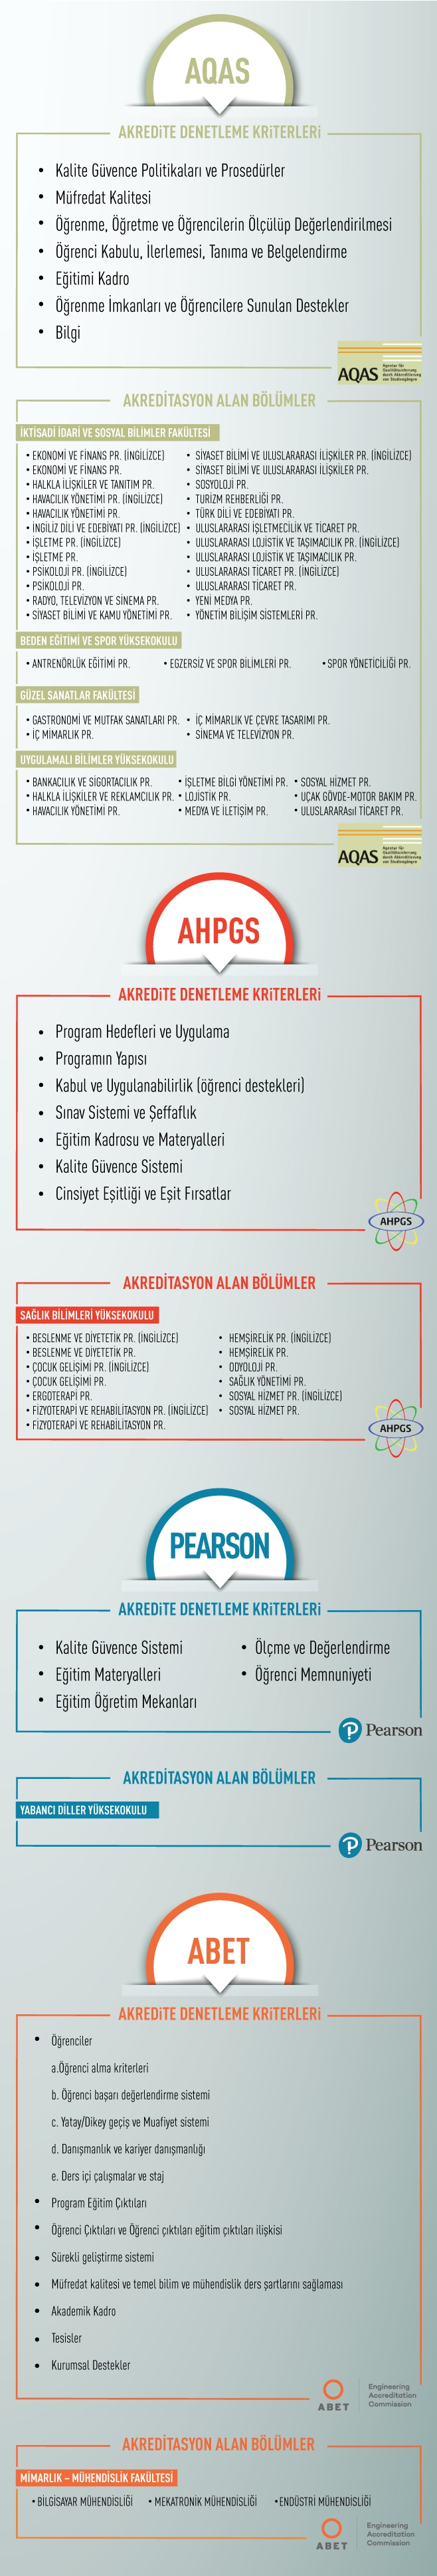 İstanbul Gelişim Üniversitesi Akreditasyon Başarıları